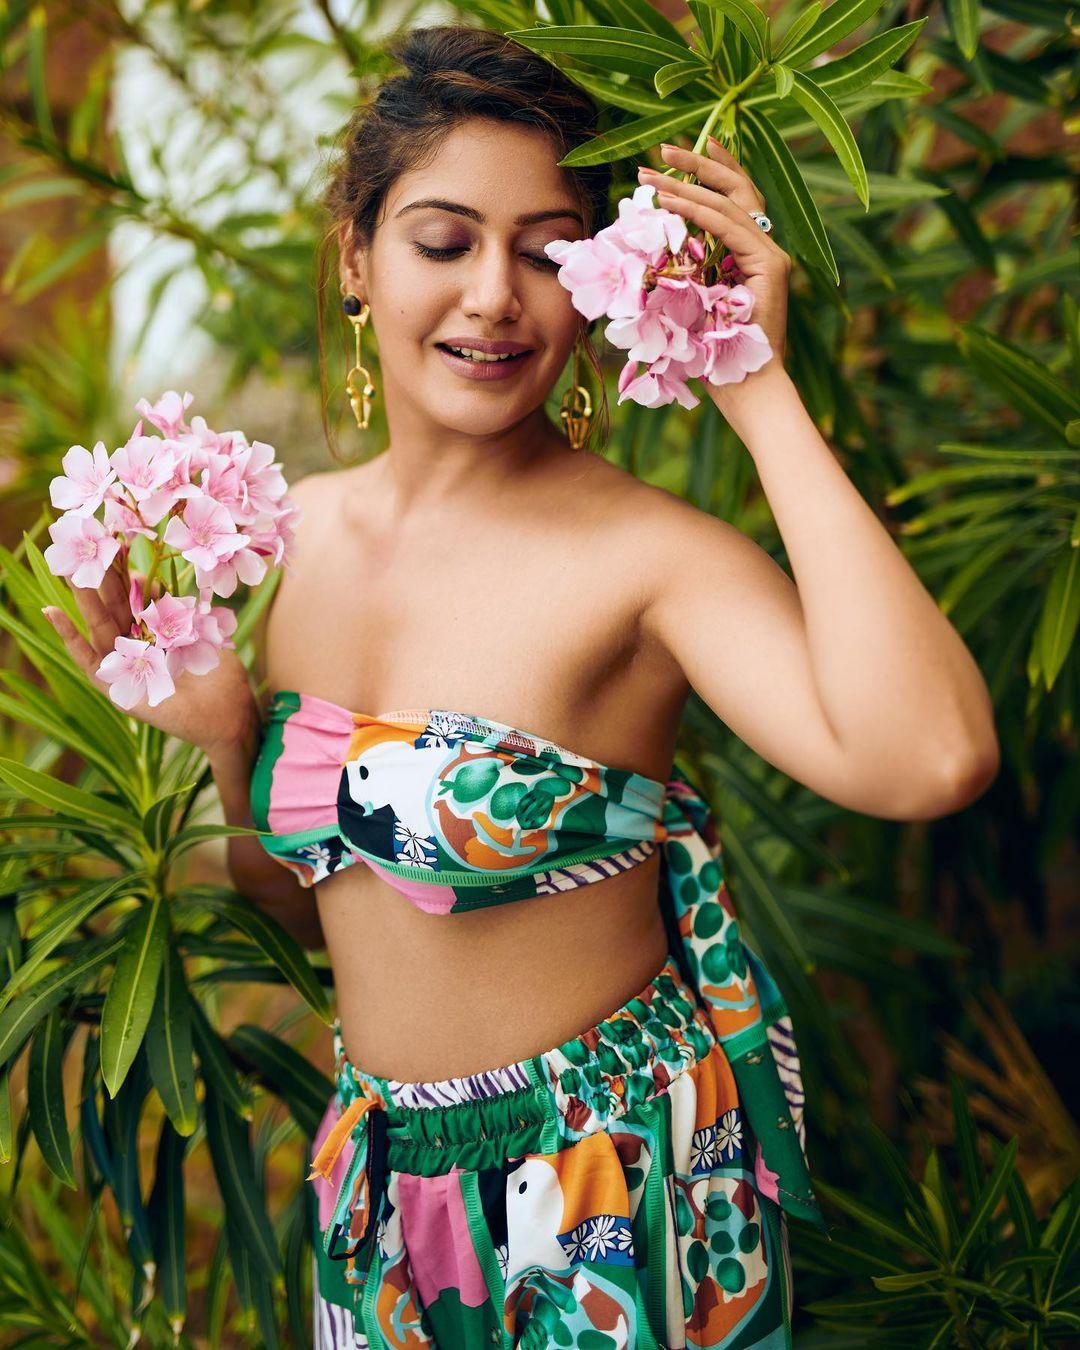 Surbhi Chandna Bikini Photoshoot